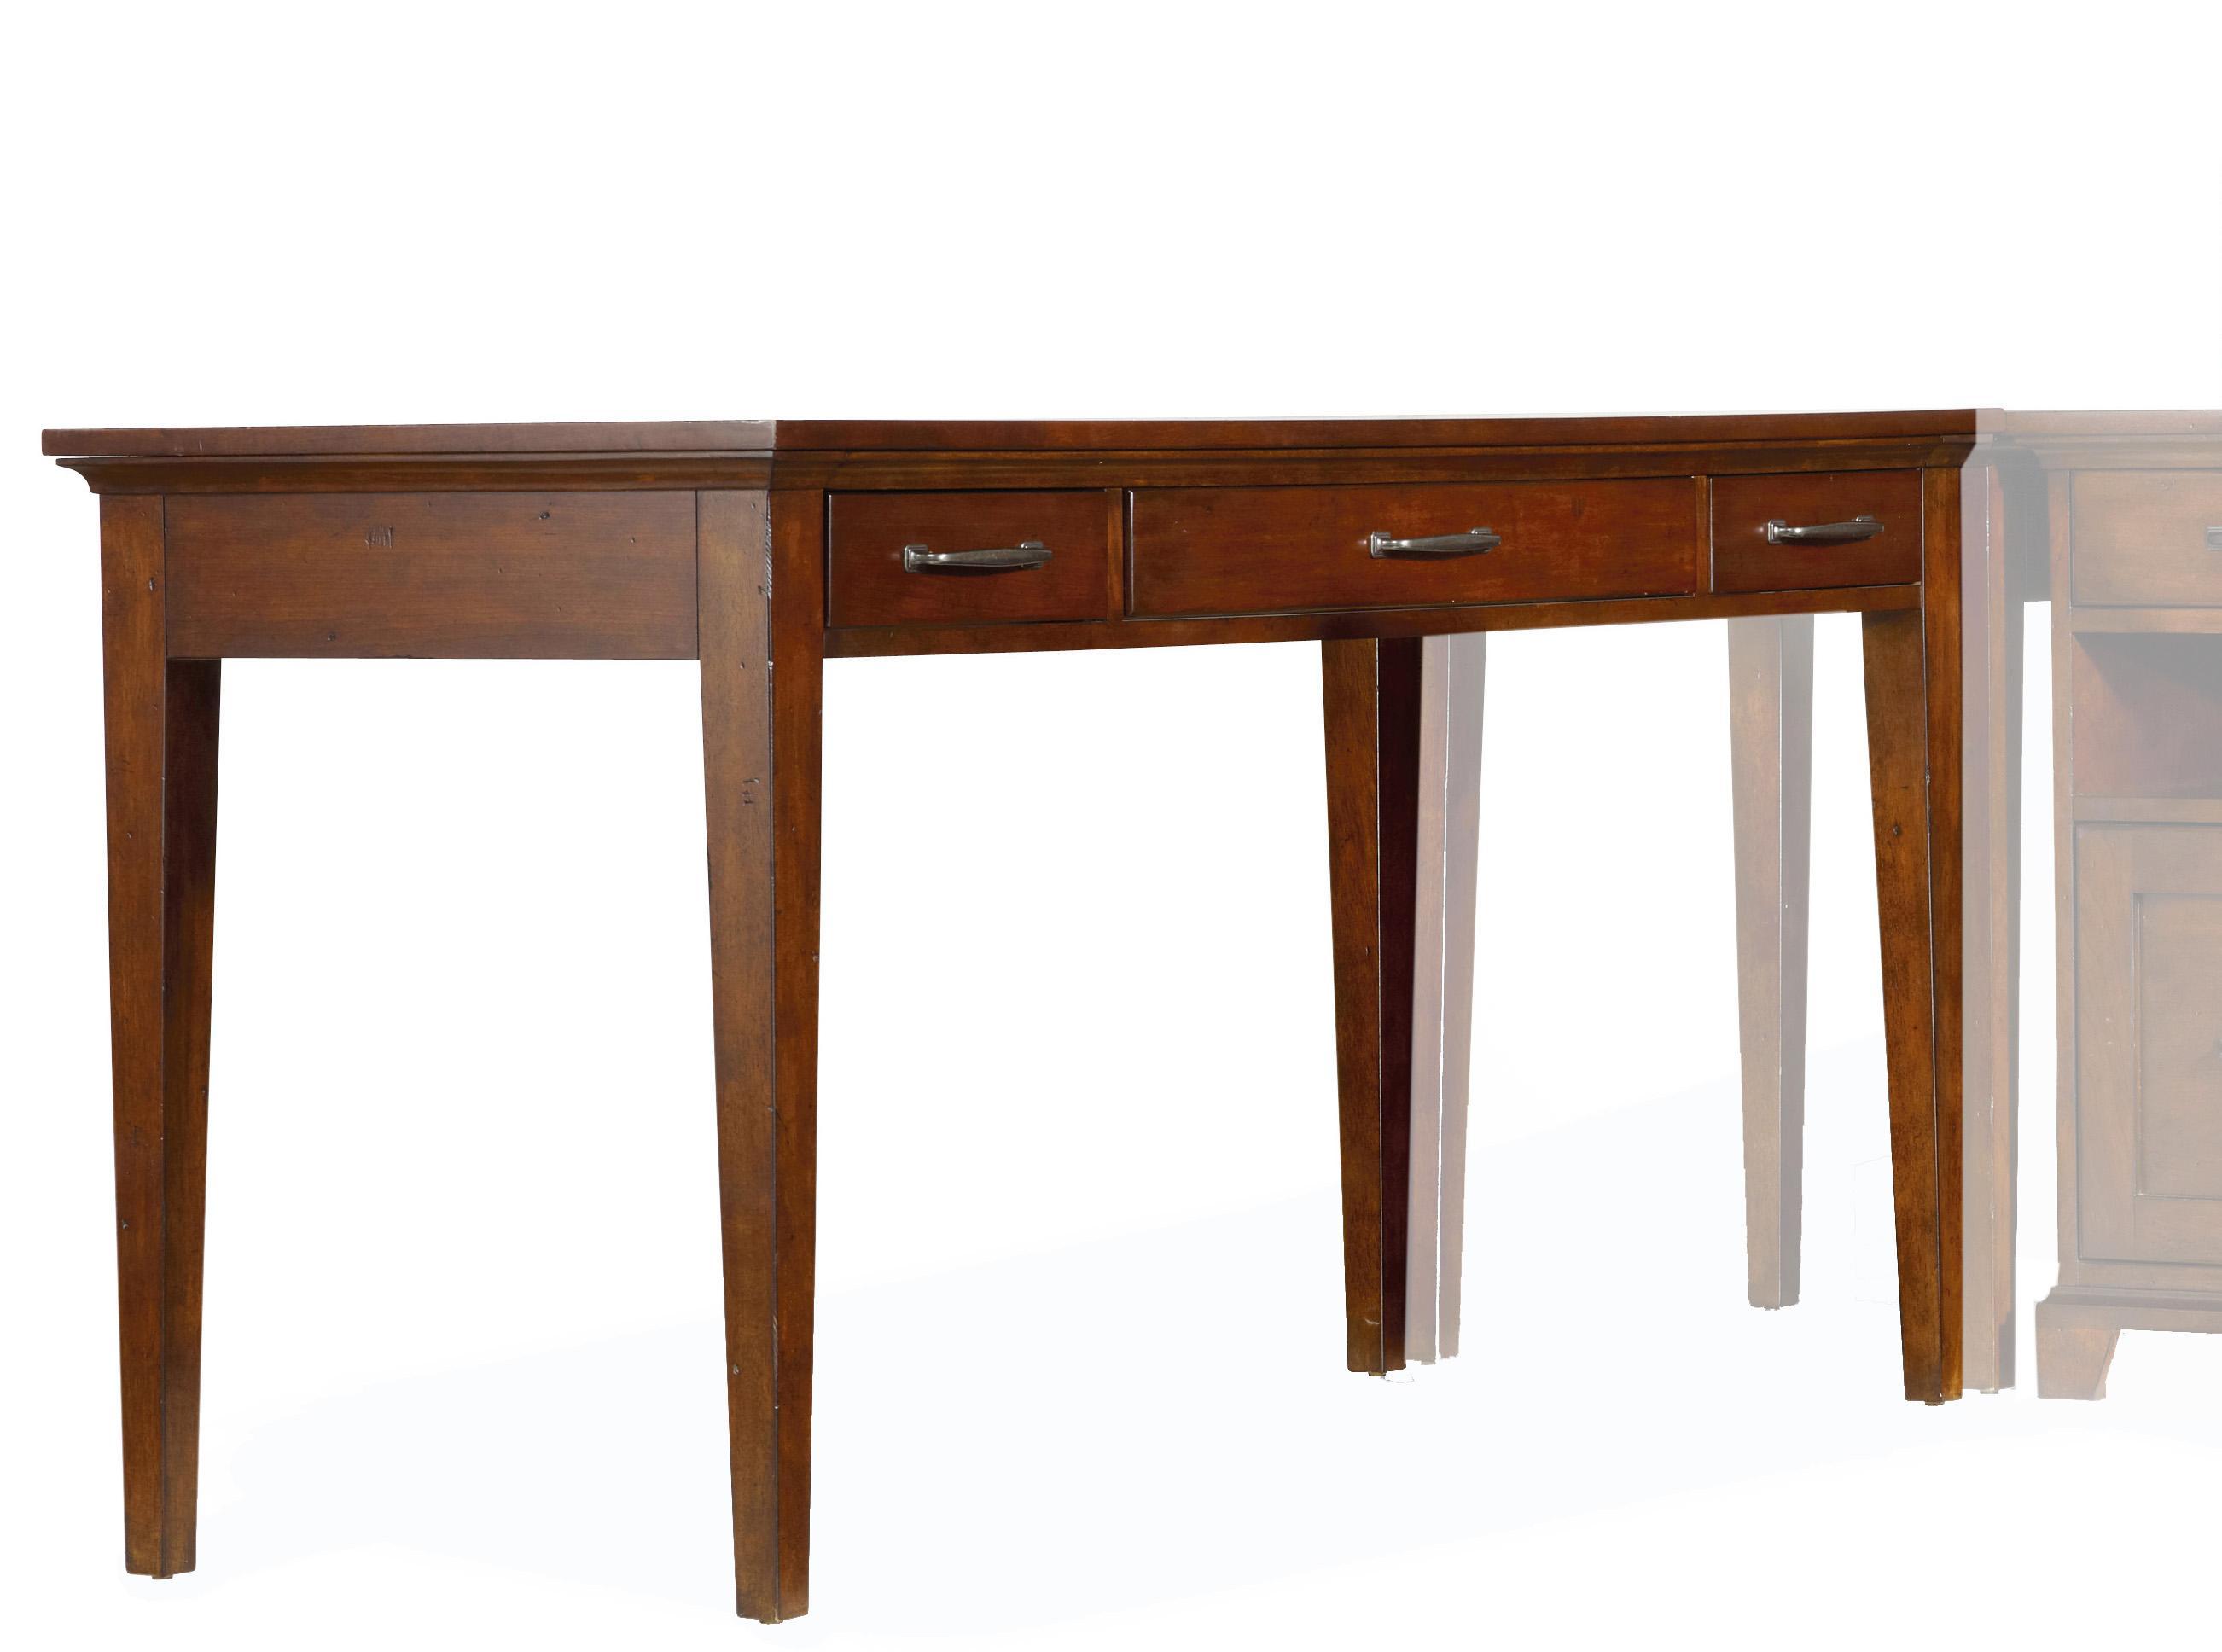 Hooker Furniture Wendover Leg Desk - Item Number: 1037-11458